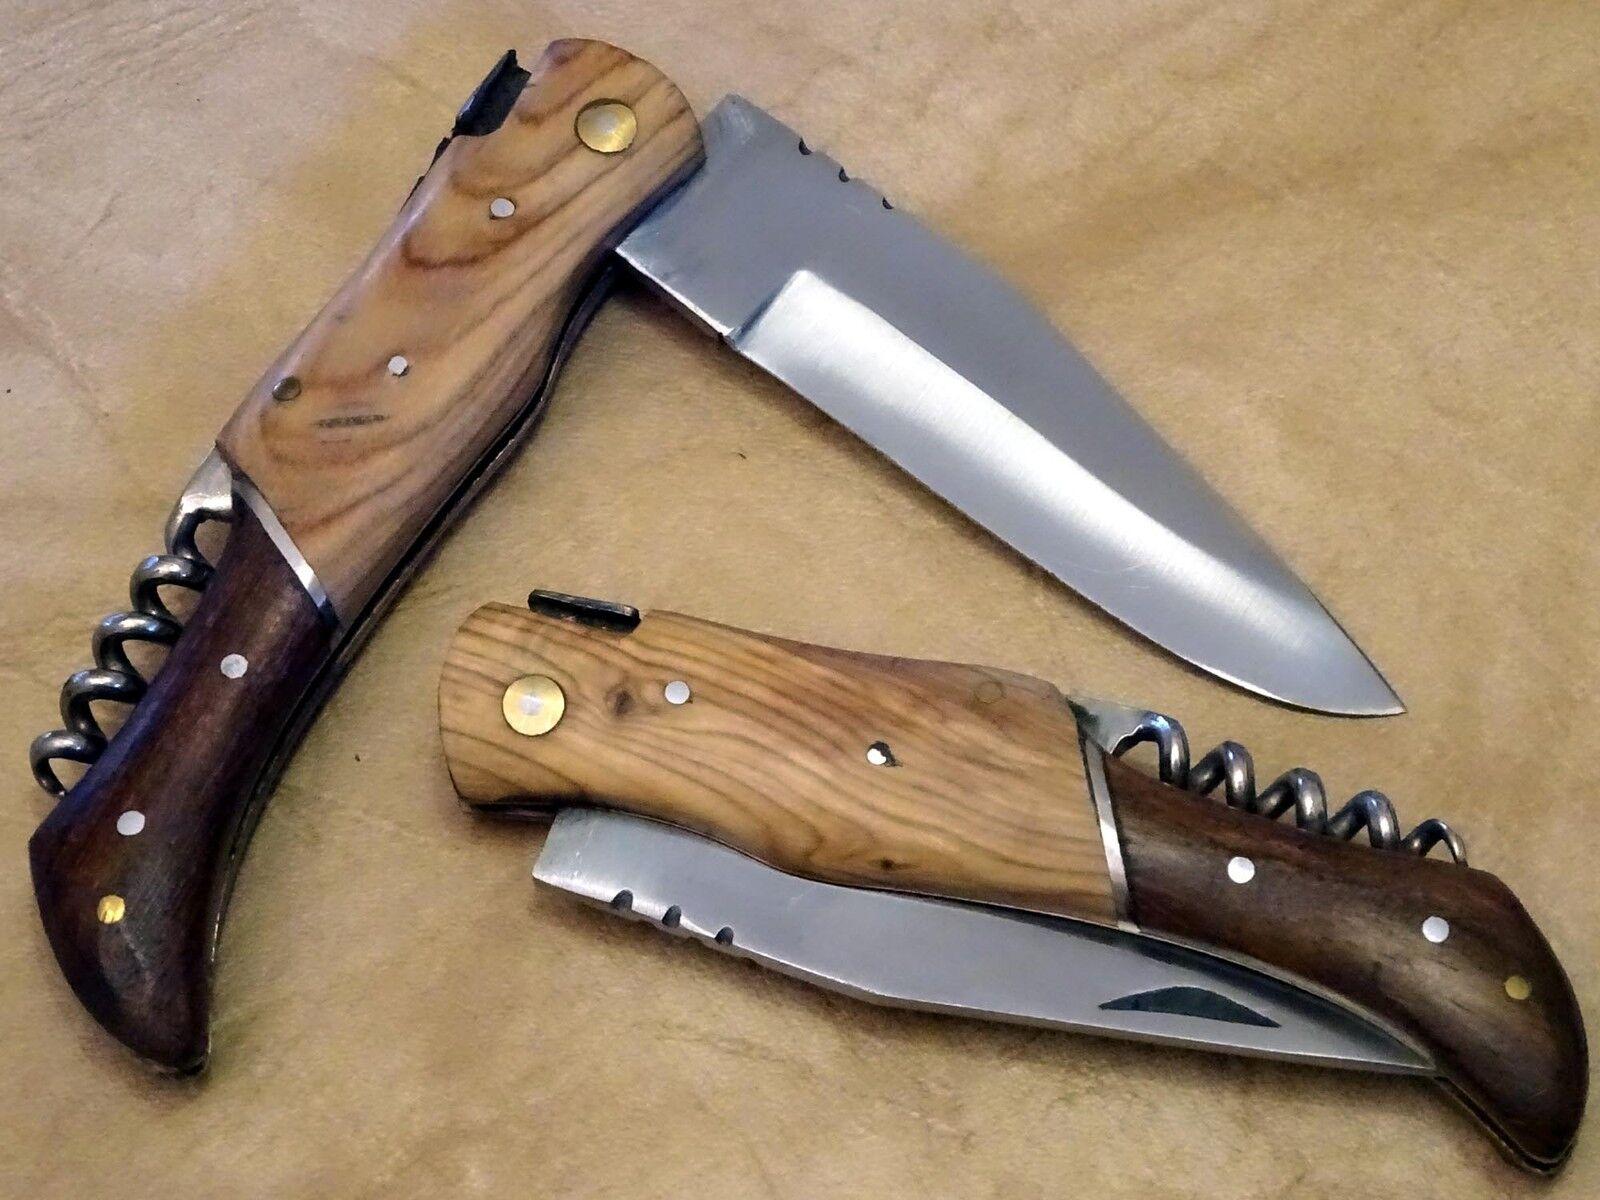 Couteau de poche Laguiole Camping Couteau Couteau Couteau escamotable couteau de chasse (nkm3) 646c41